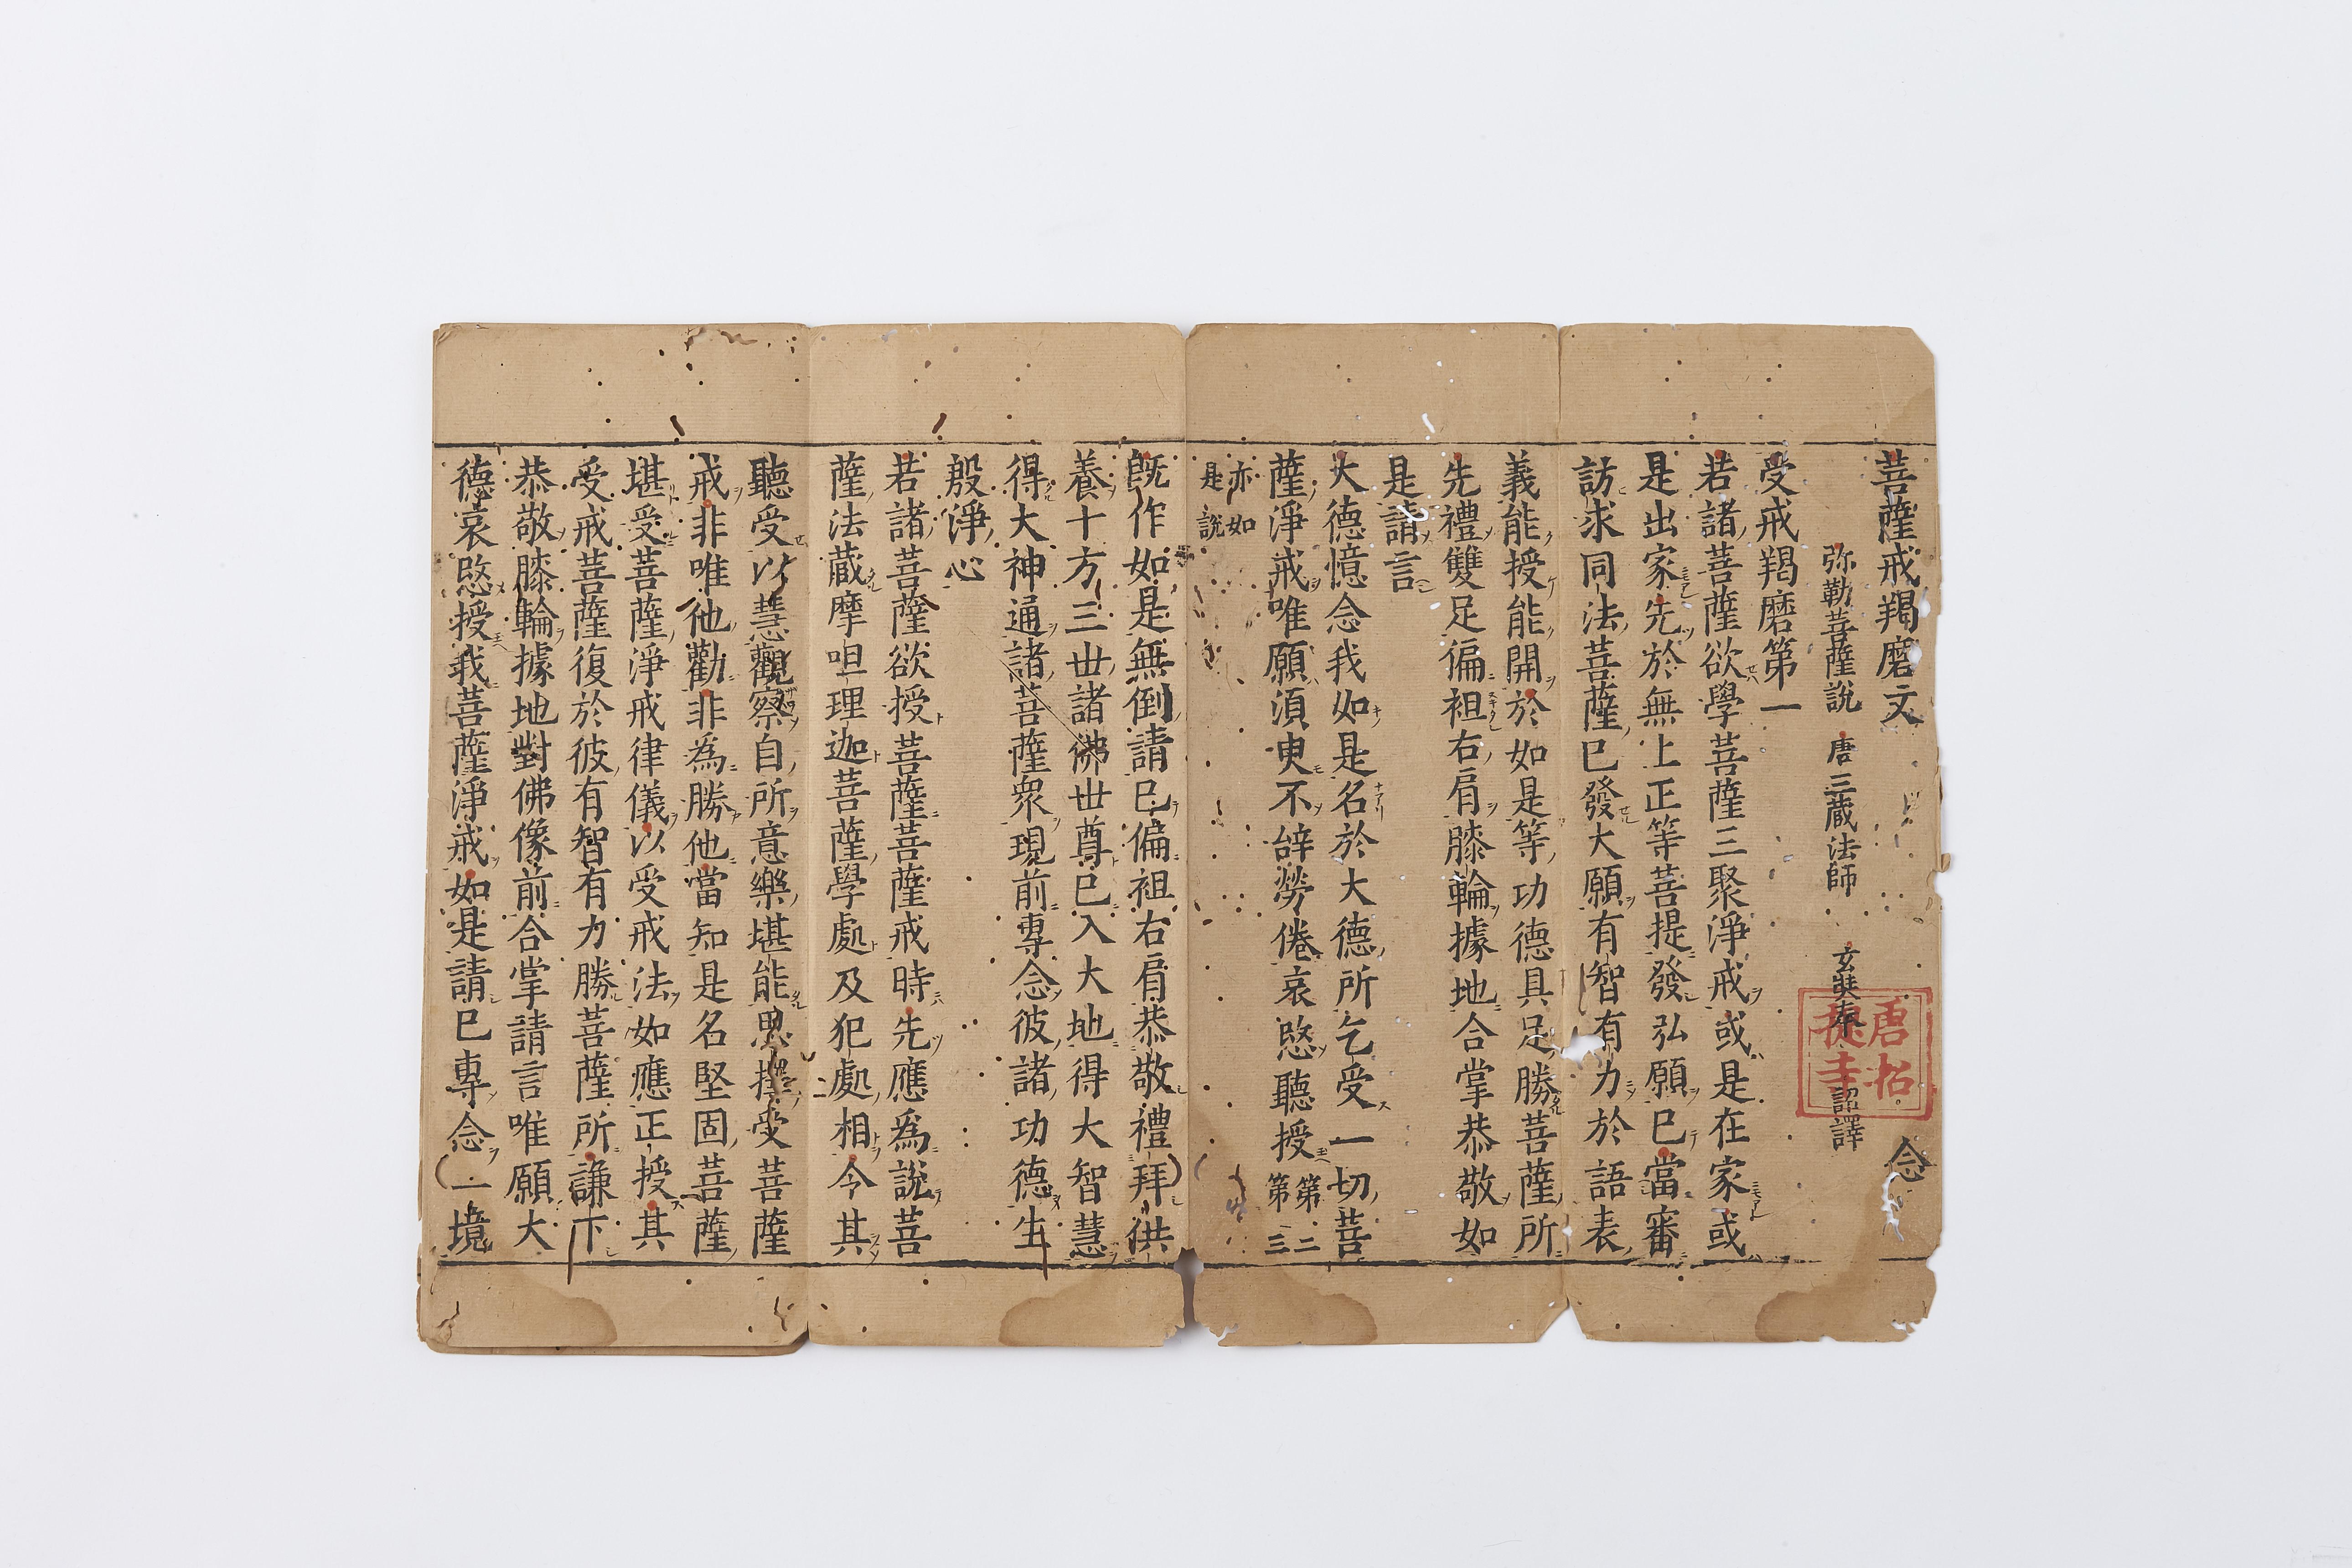 171309宋版「菩薩戒羯磨文」